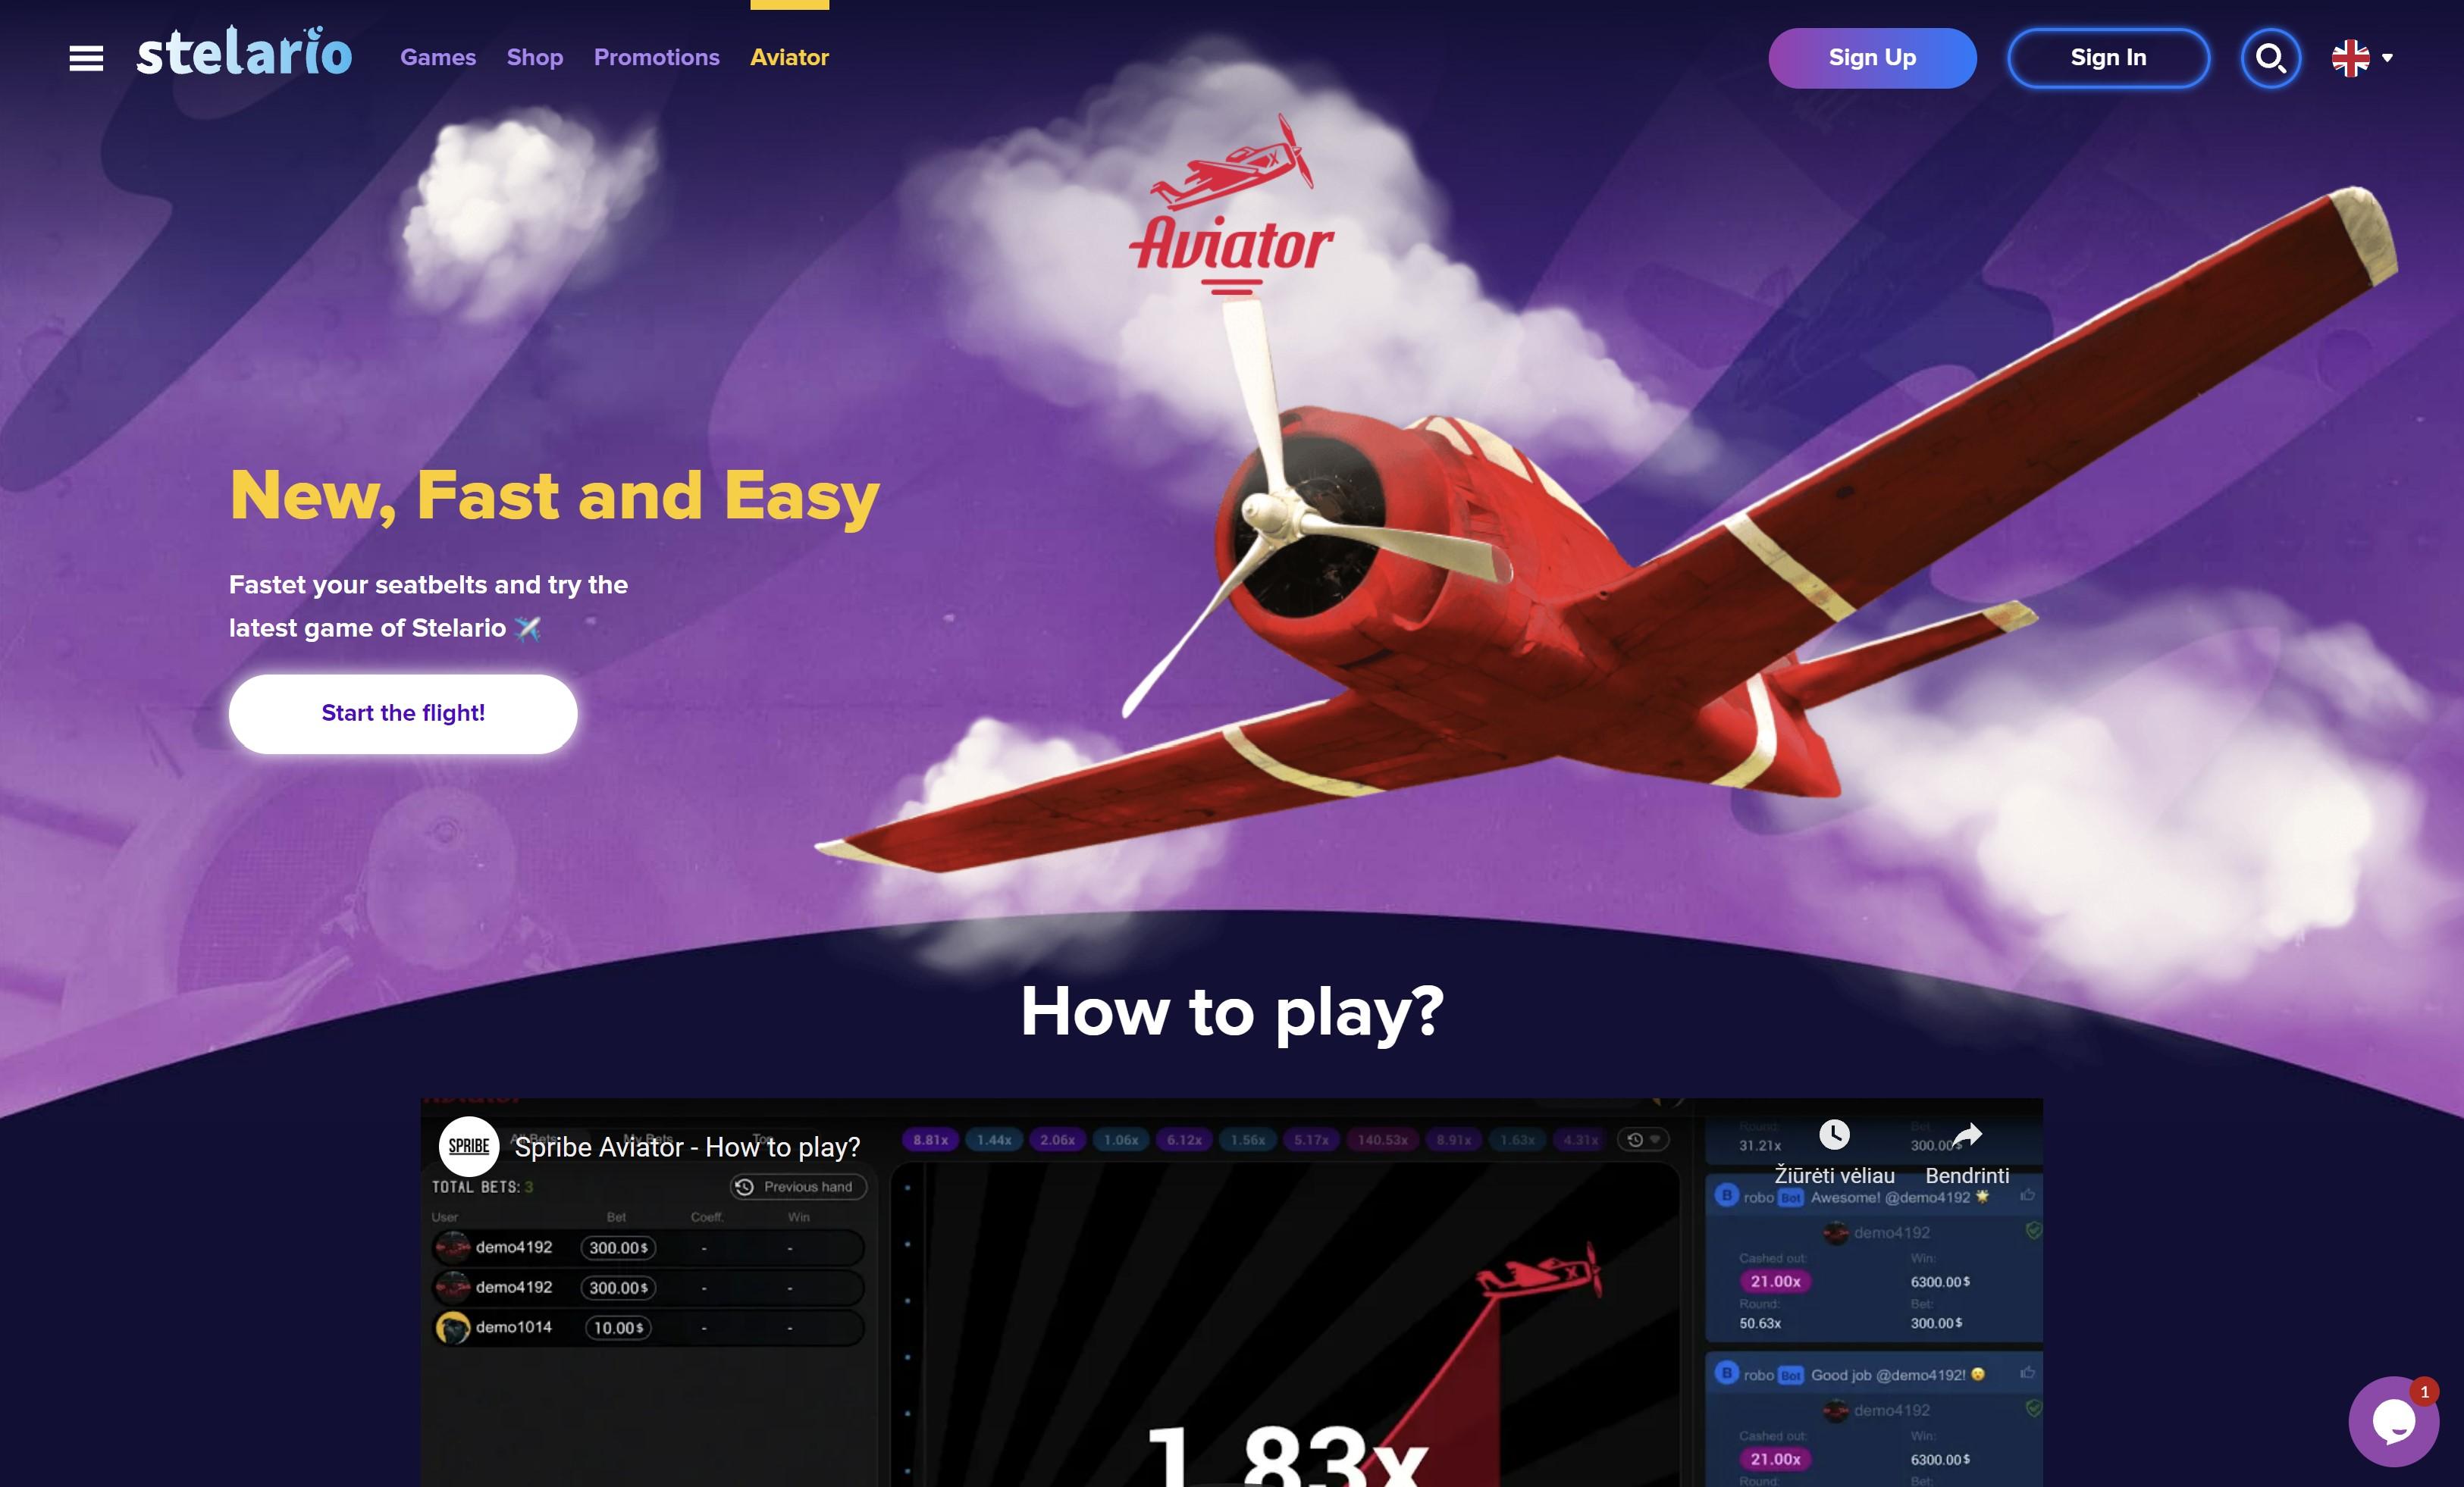 stelario aviator kazino žaidimas raudonas lėktuvas